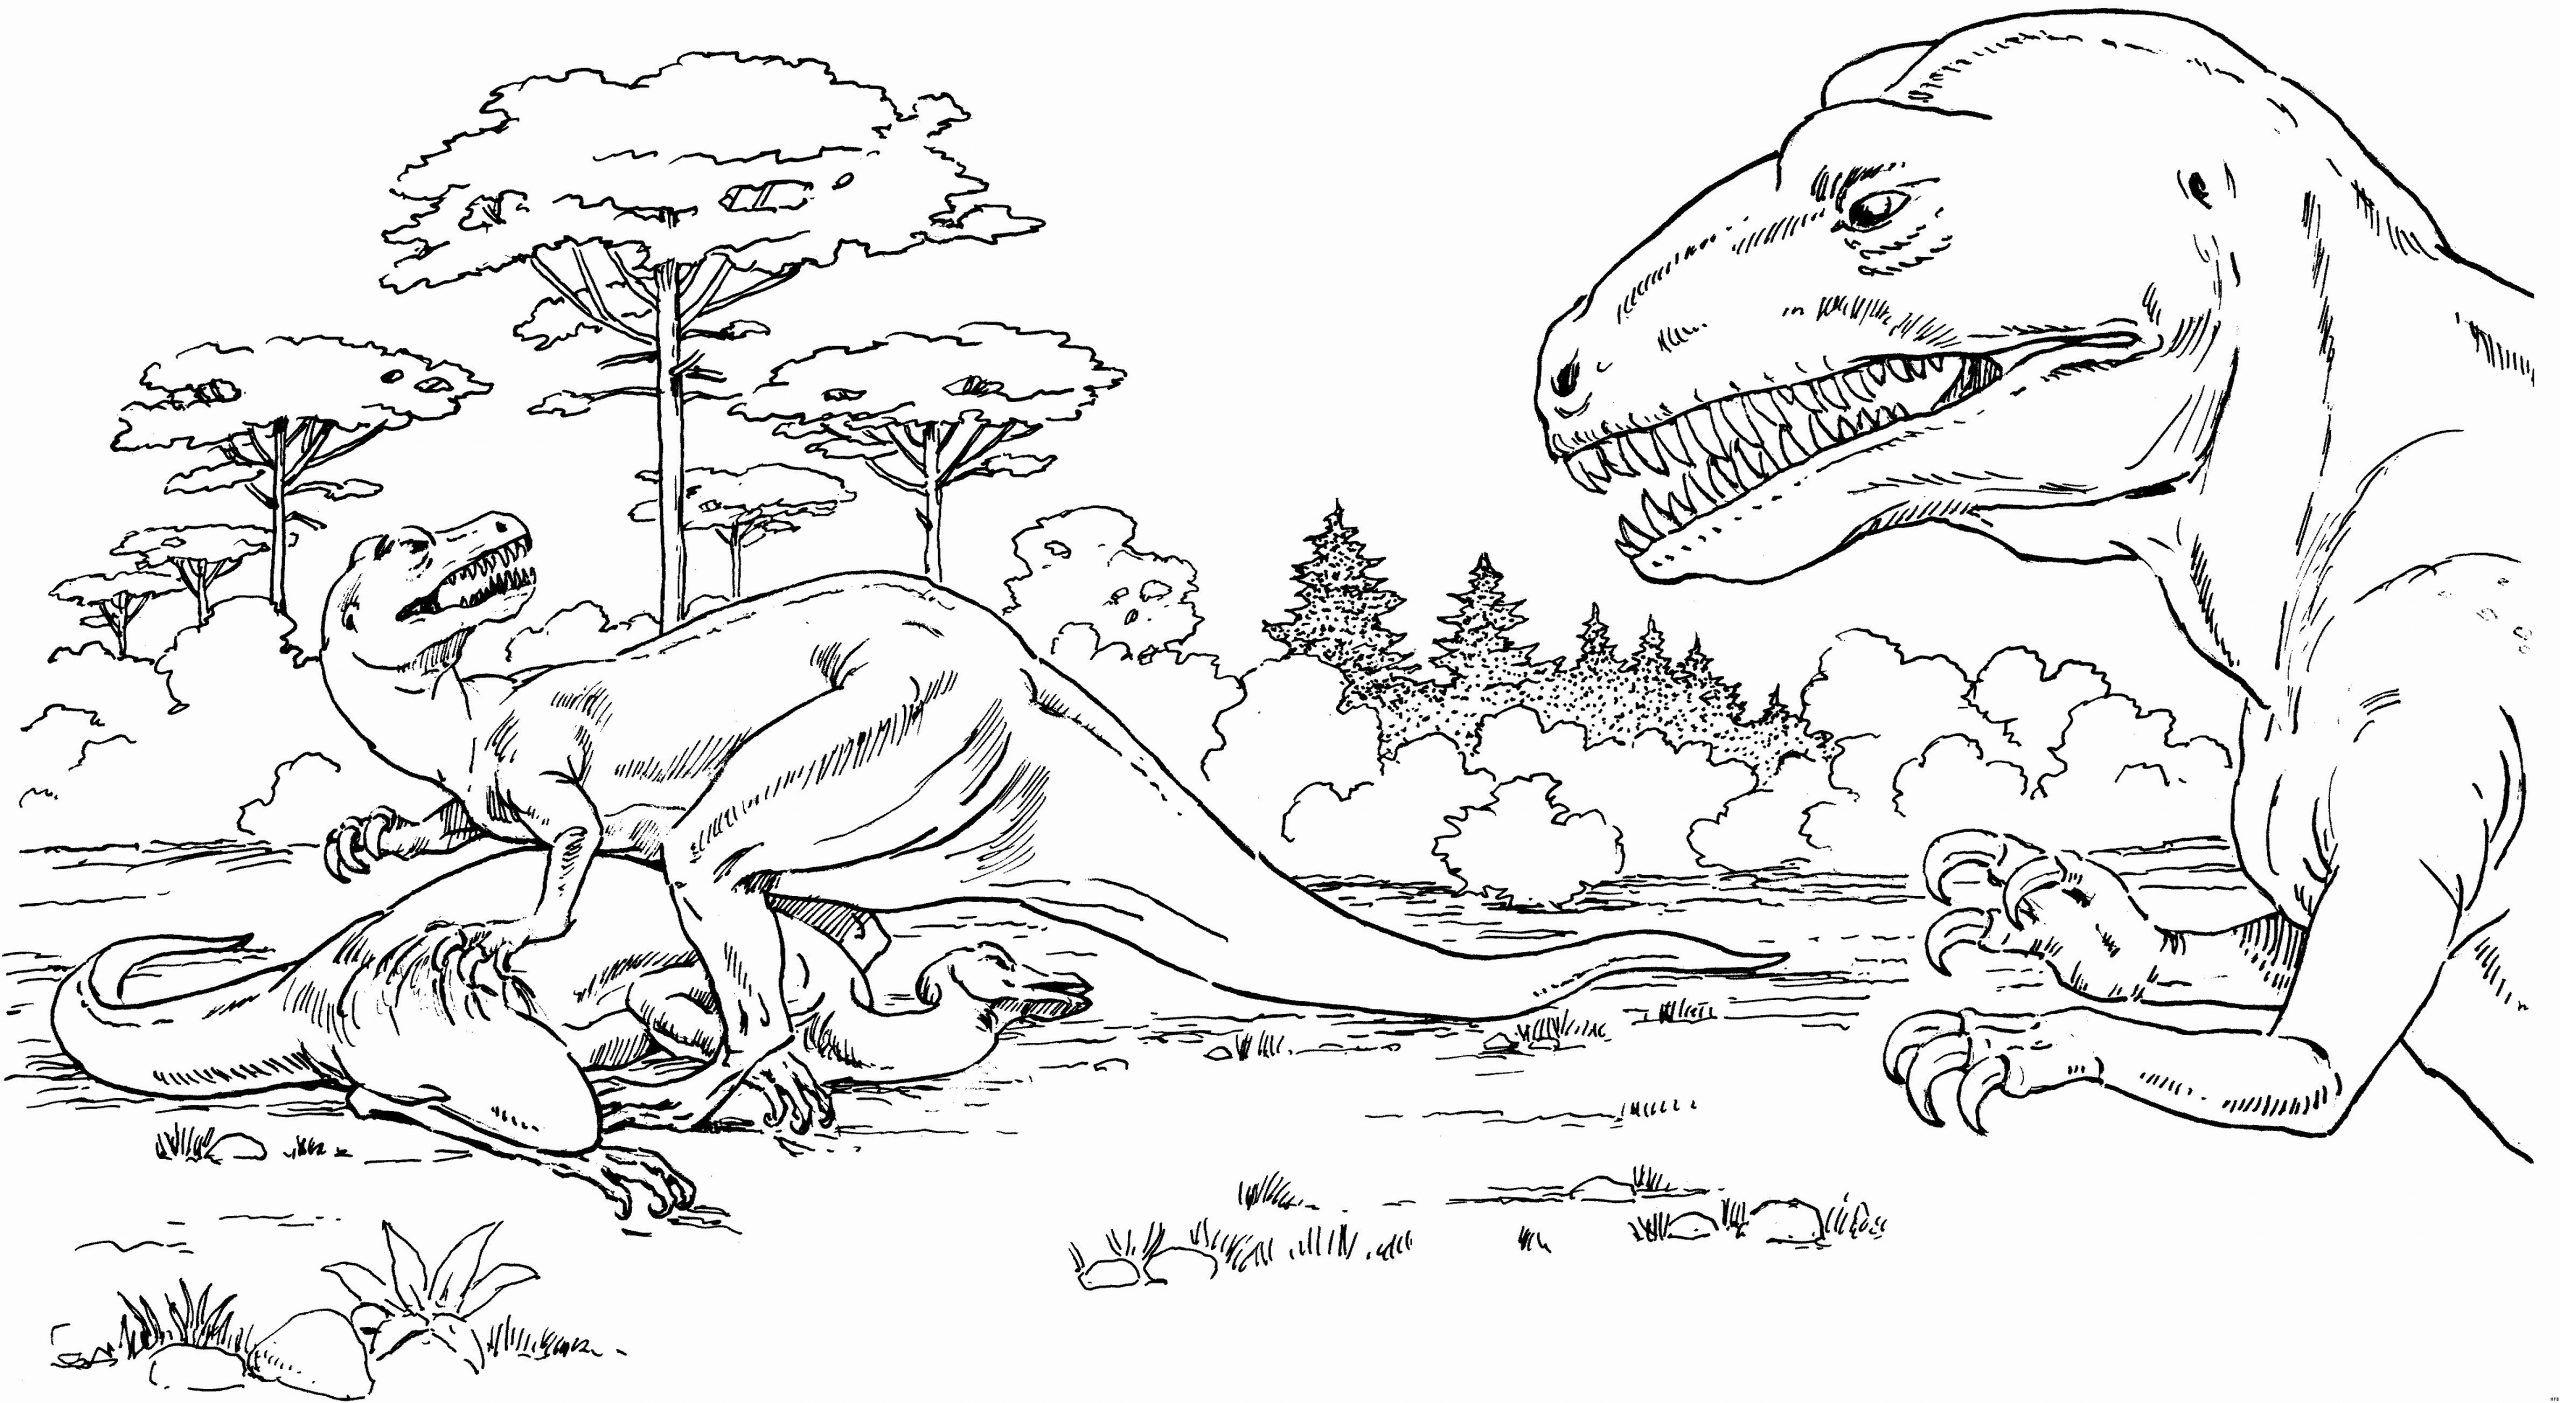 malvorlagen dinosaurier kostenlos | malvorlage dinosaurier